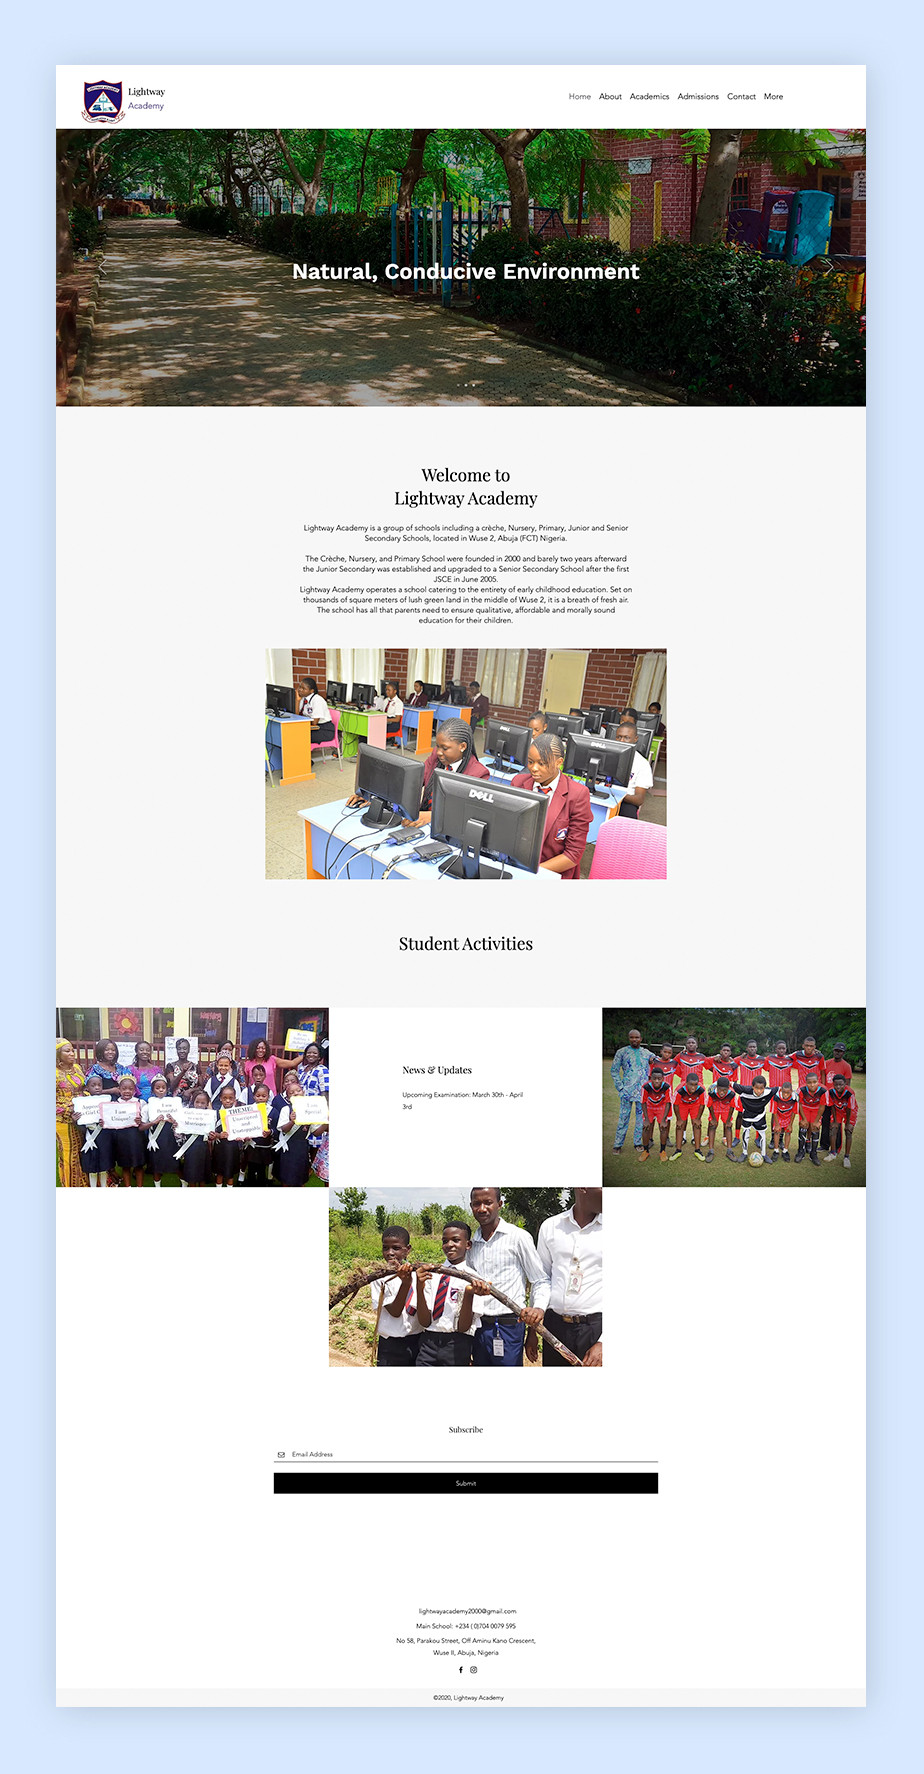 School website example by Lightway Academy